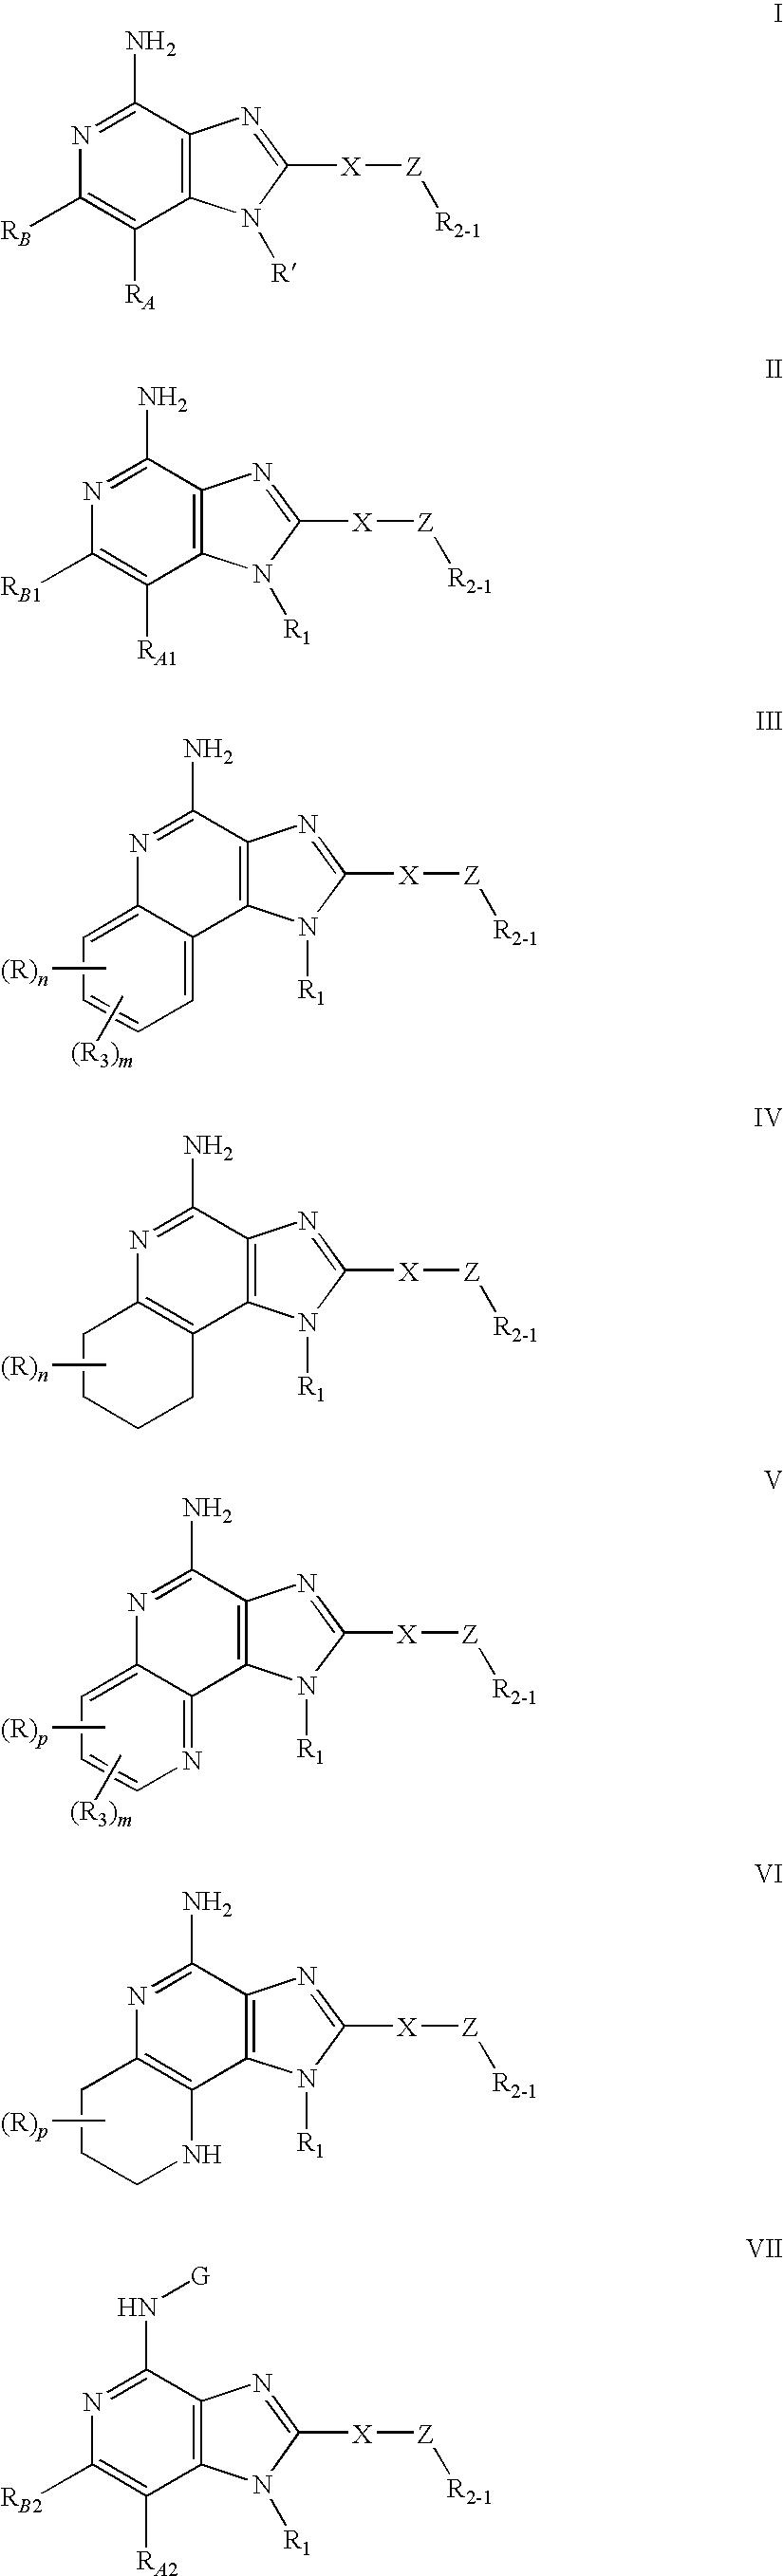 Figure US20090062328A1-20090305-C00002